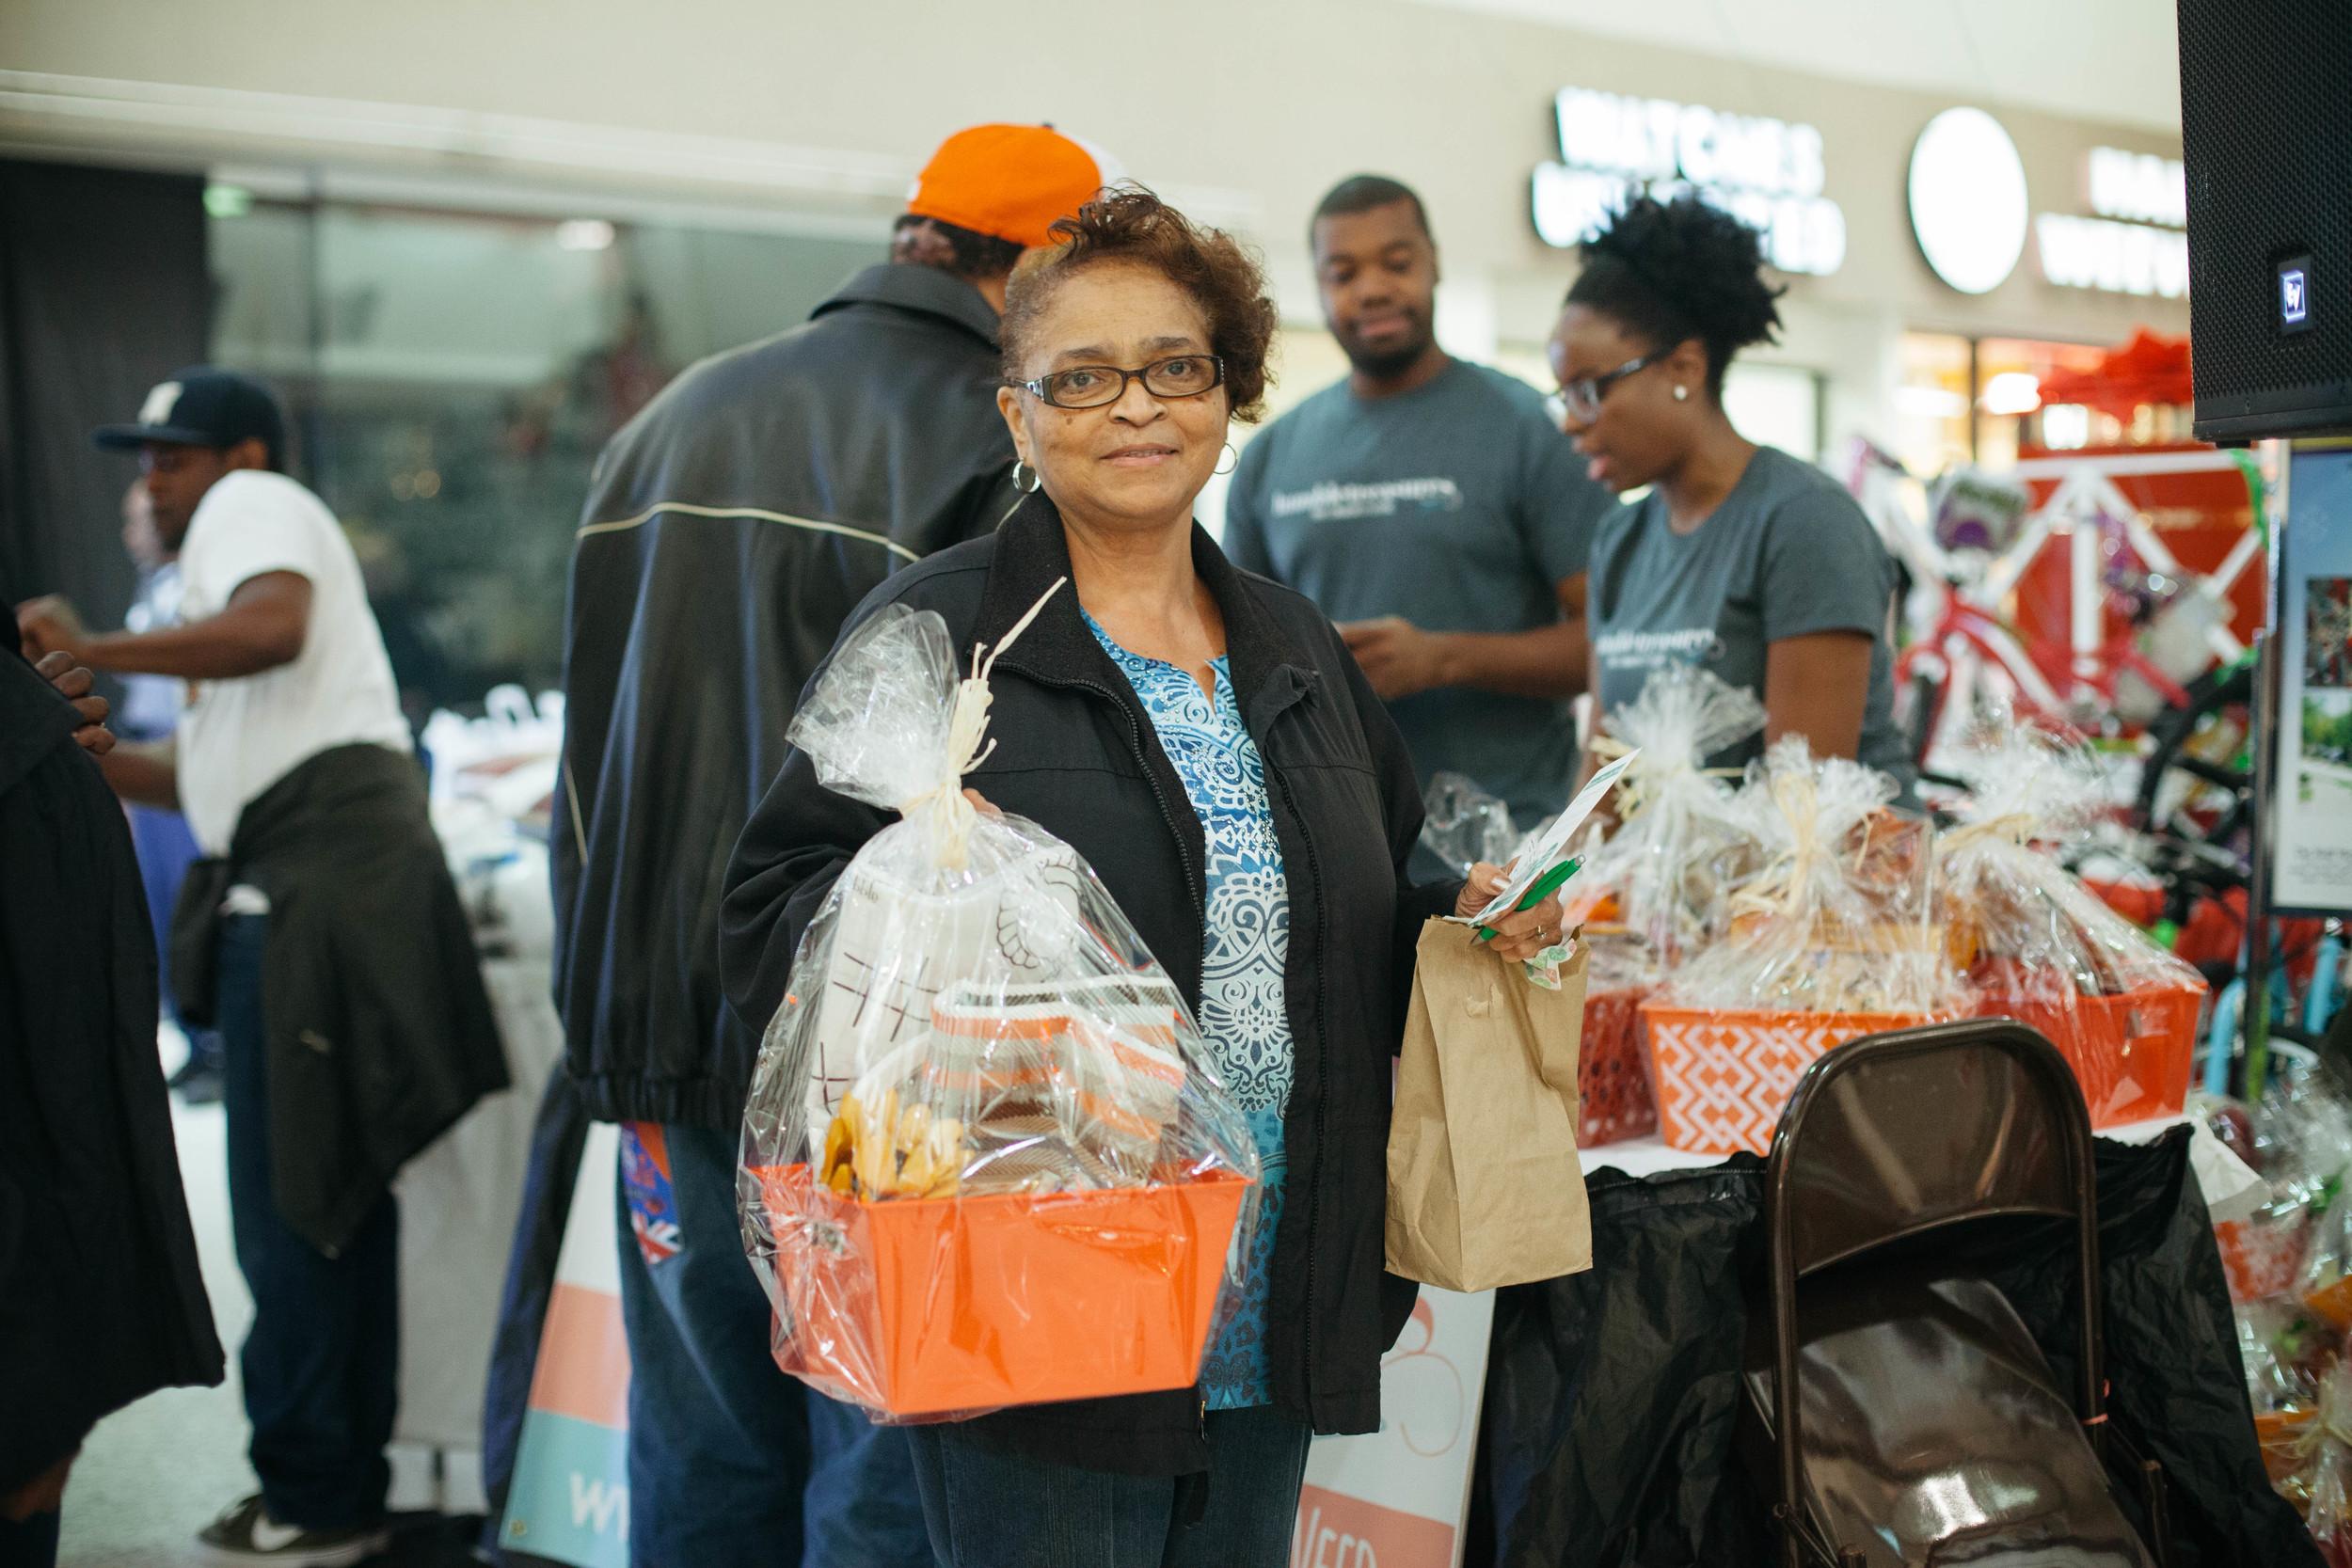 Woman receives basket at Thanksgiving Turkey Bash